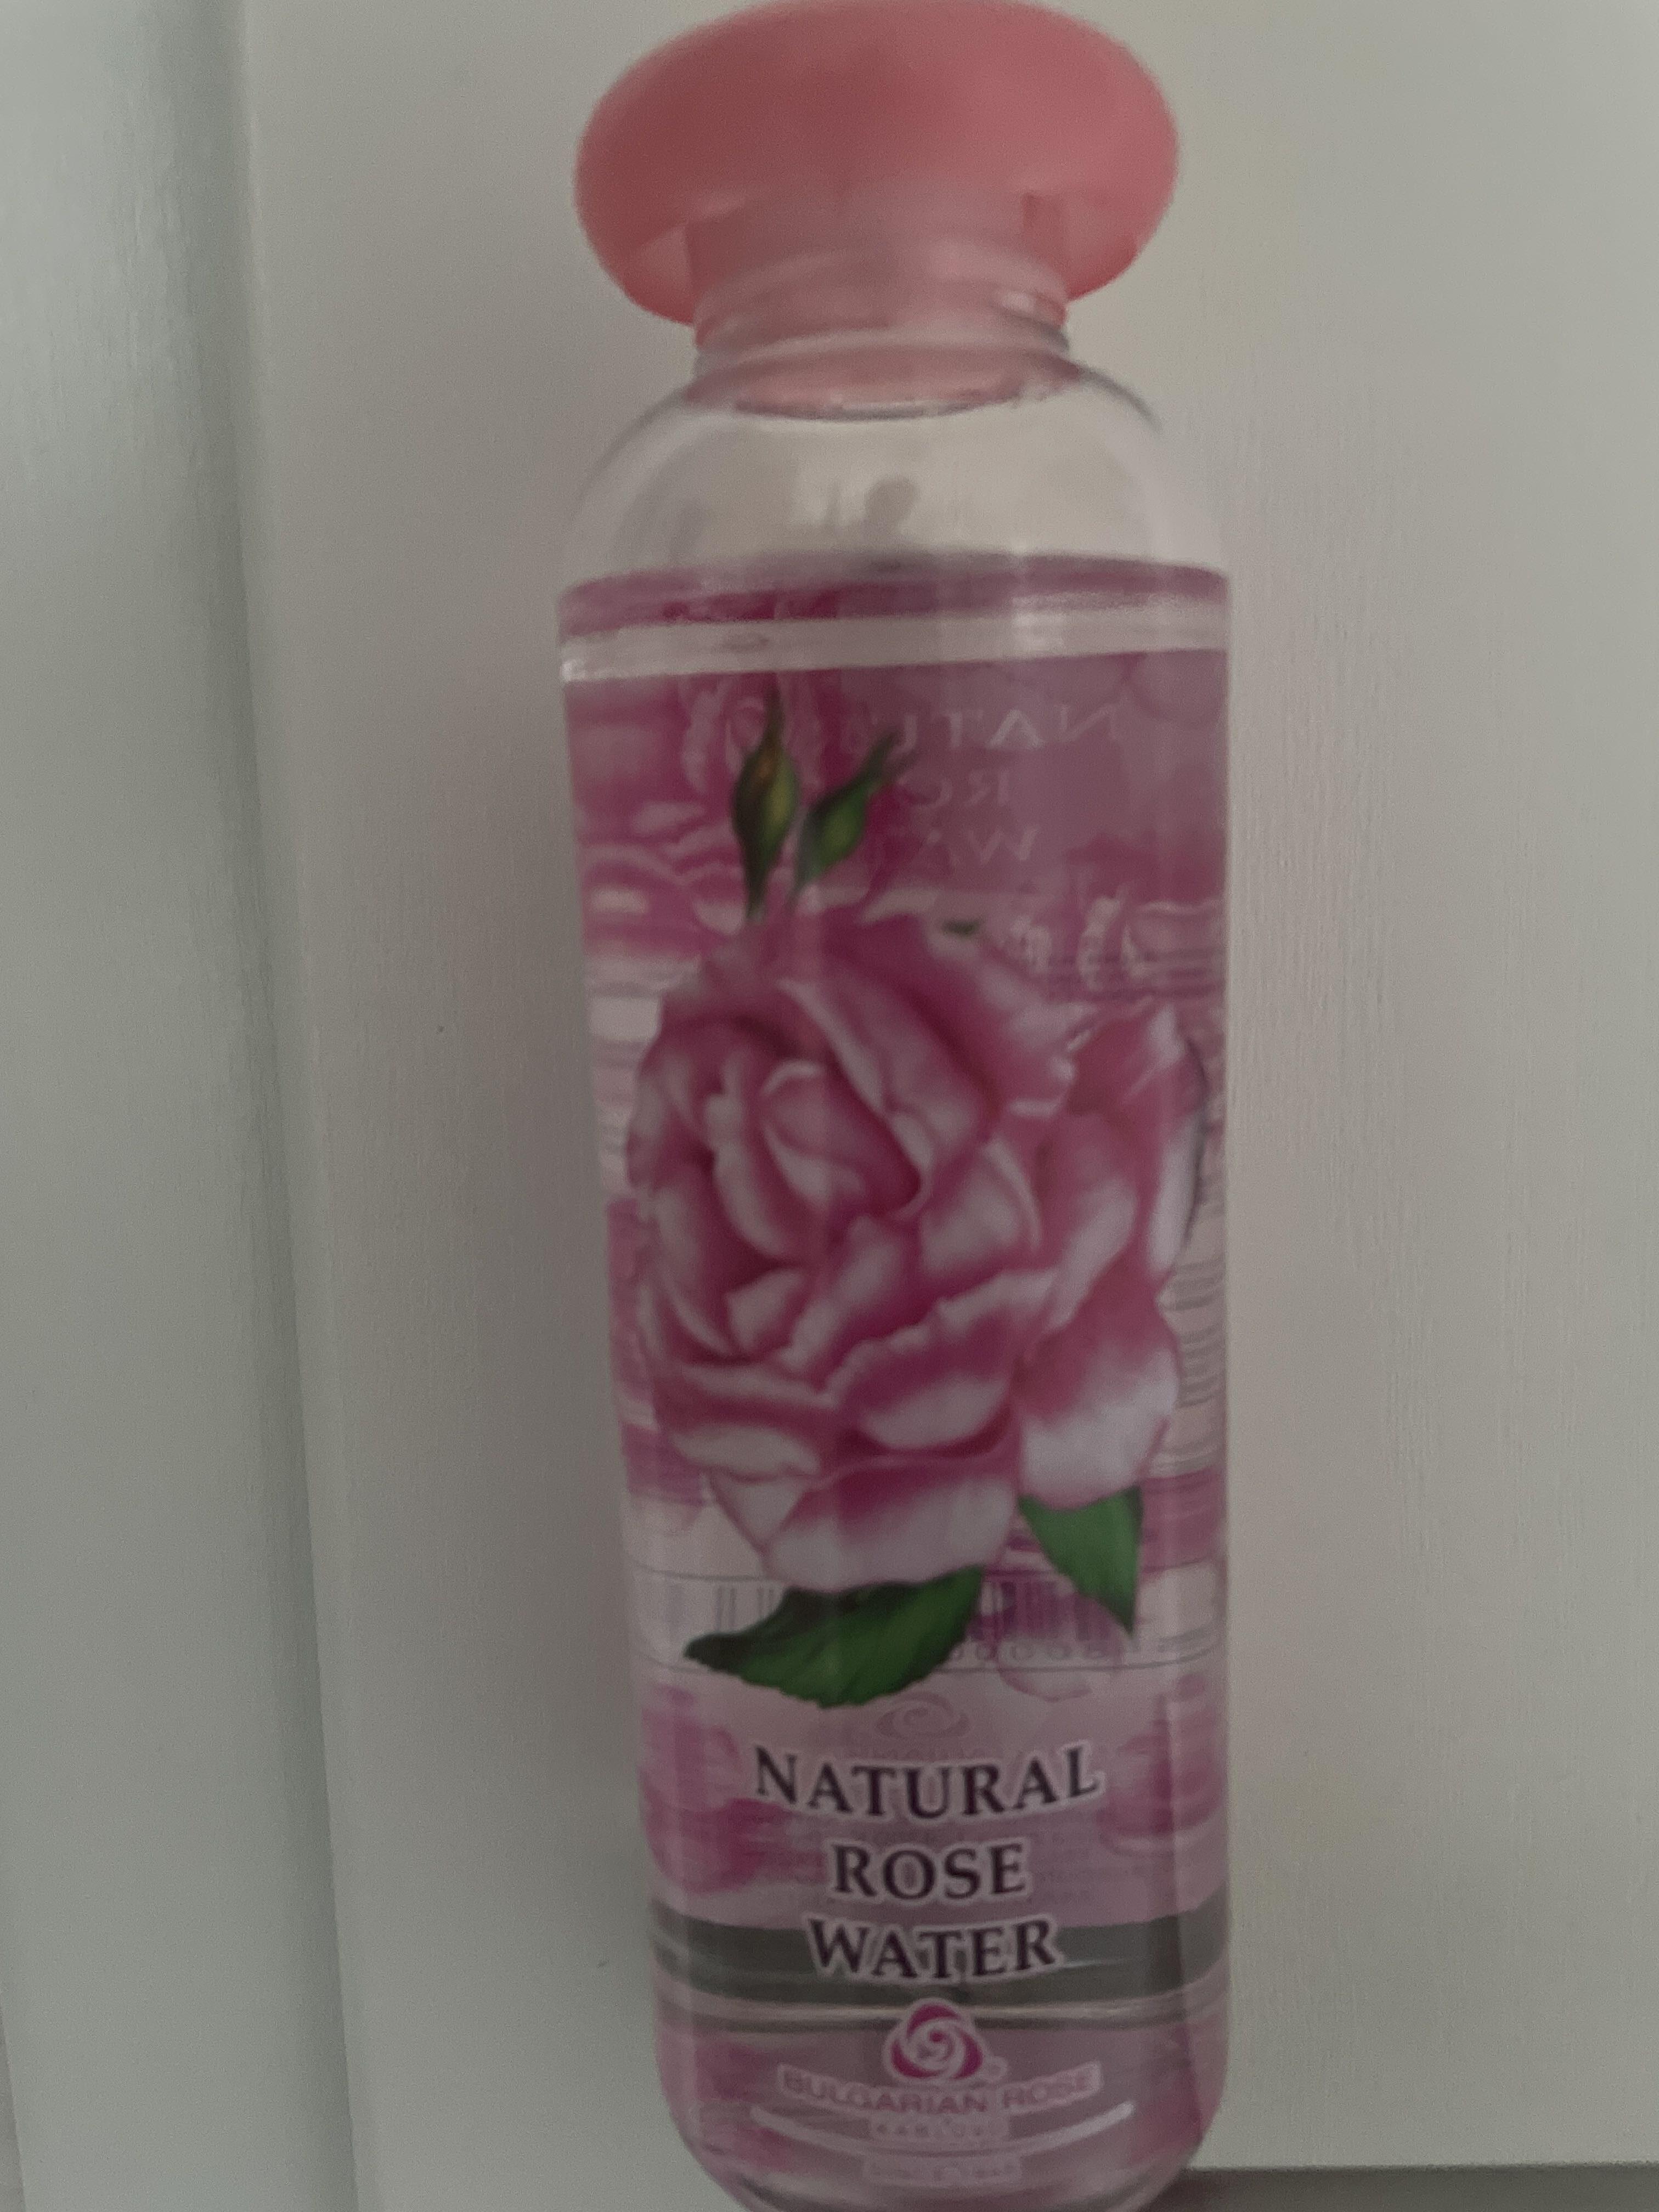 Natural Rose Water - Product - de